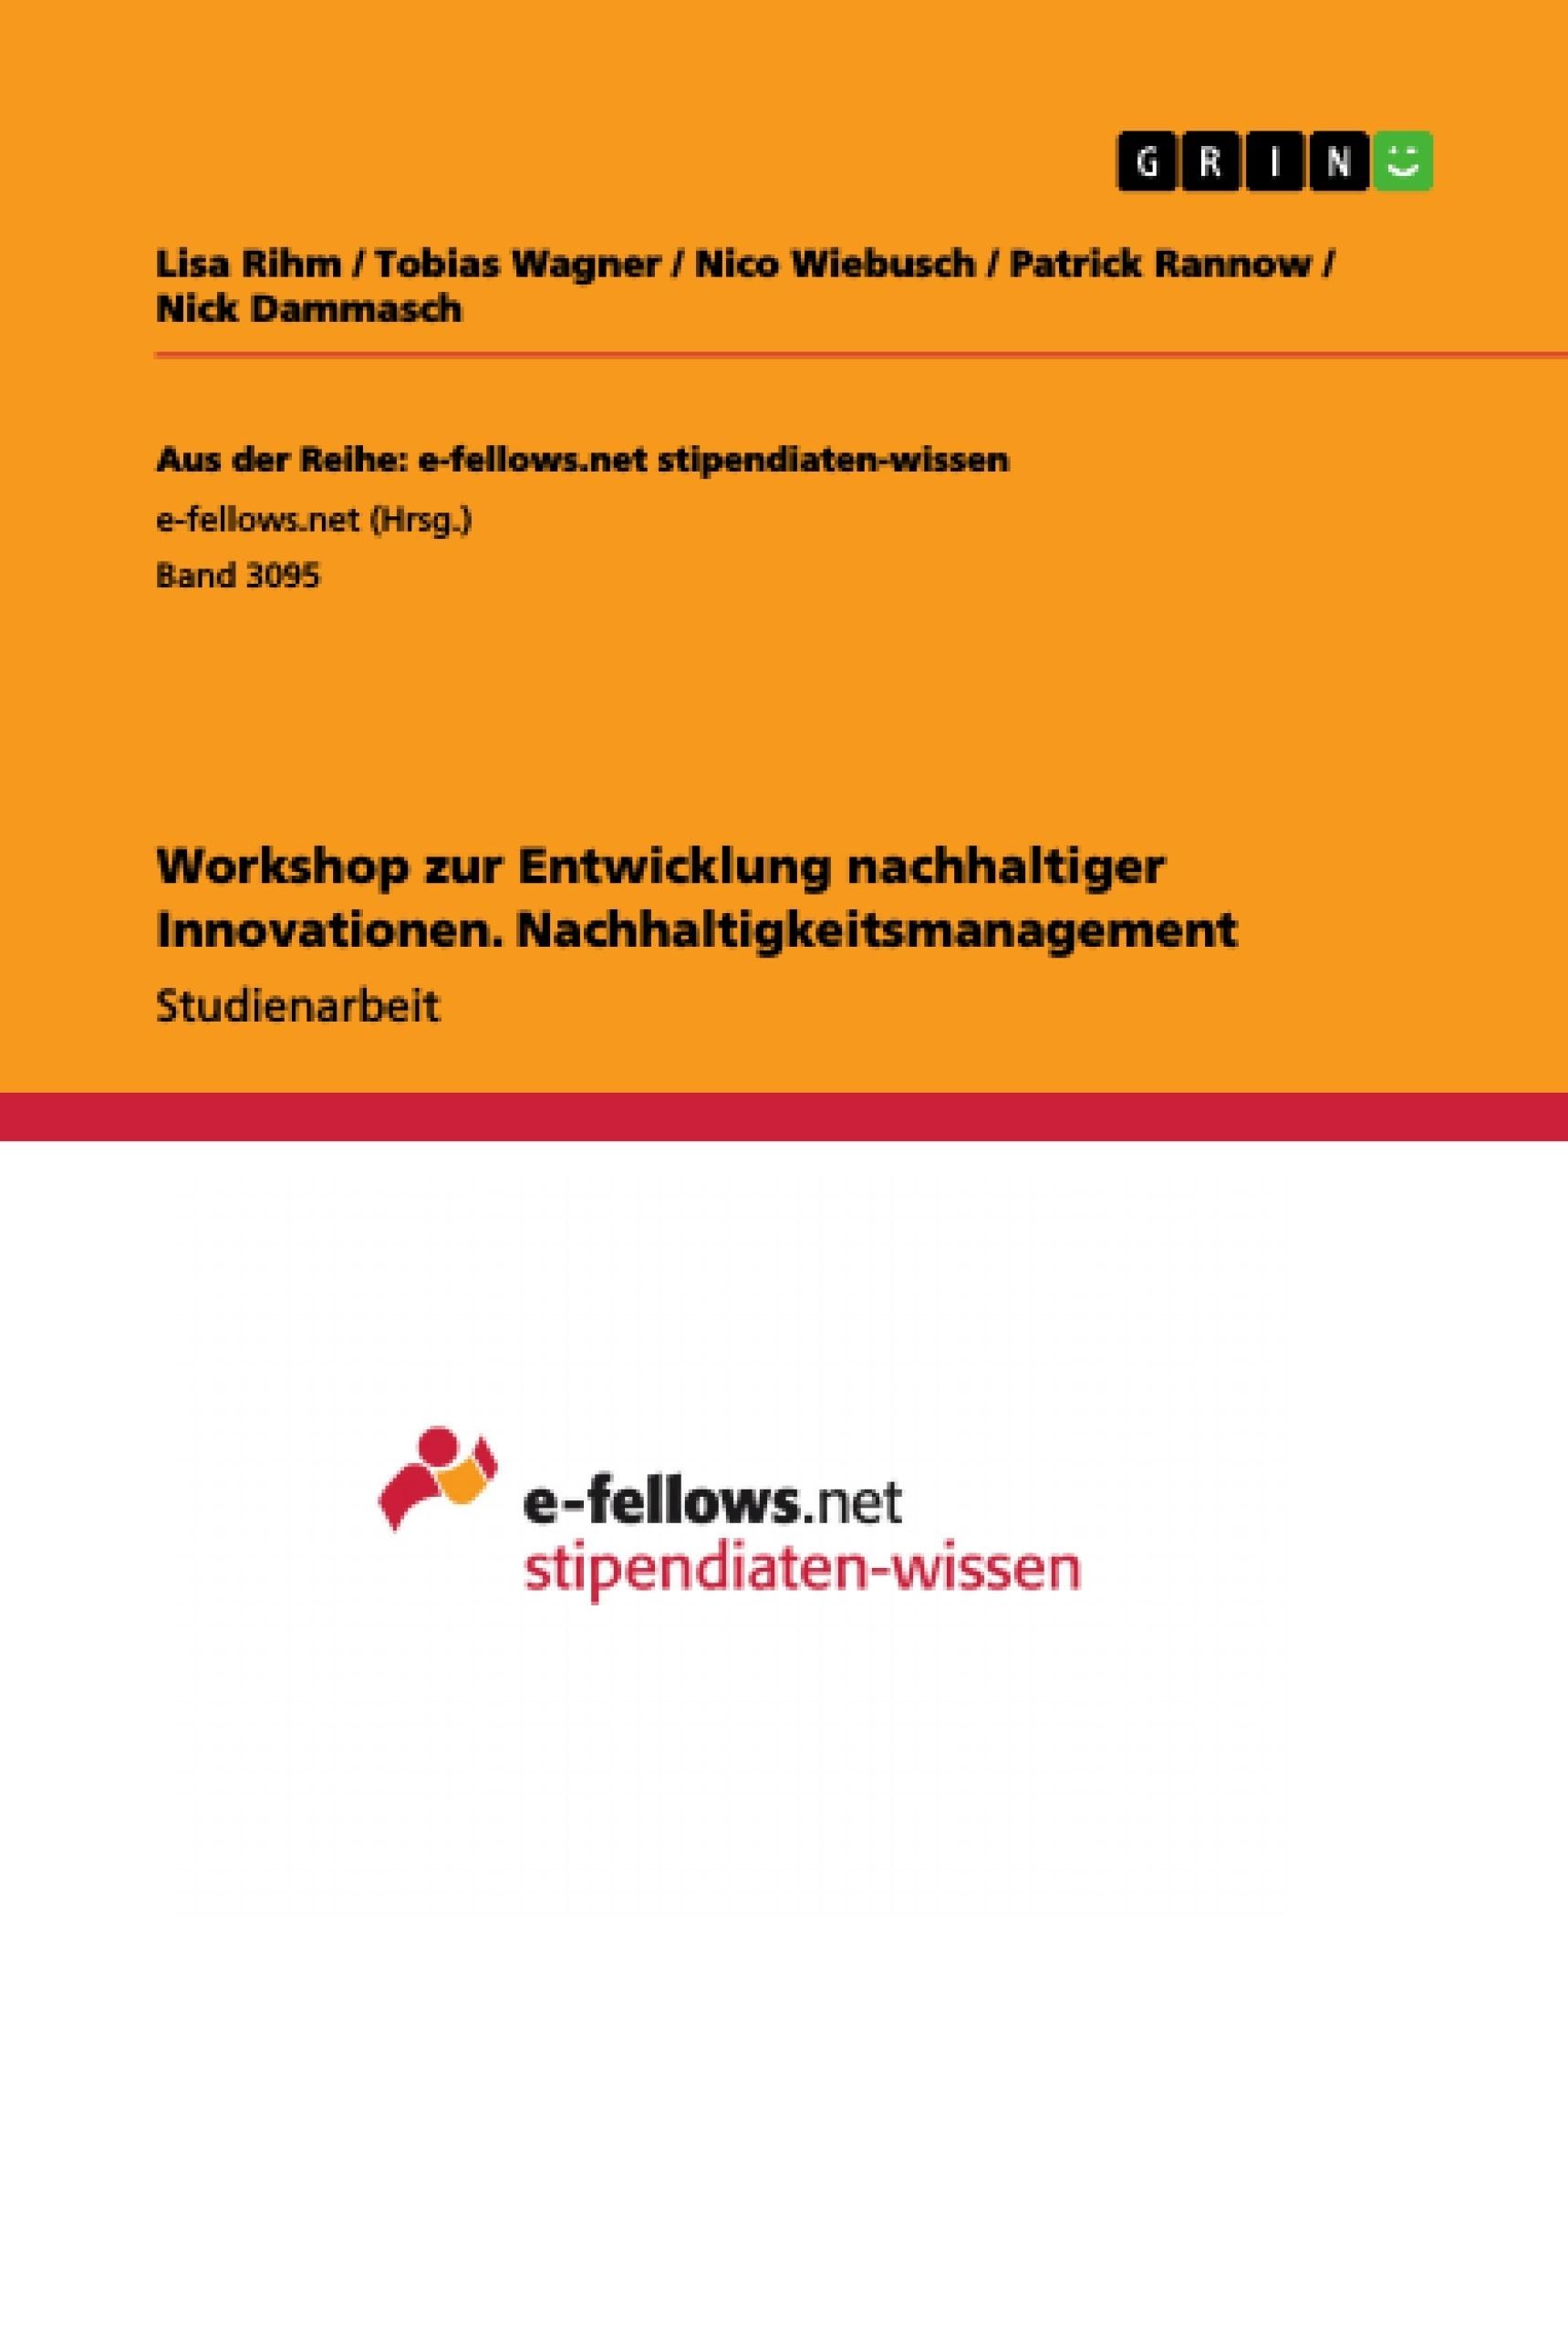 Titel: Workshop zur Entwicklung nachhaltiger Innovationen. Nachhaltigkeitsmanagement